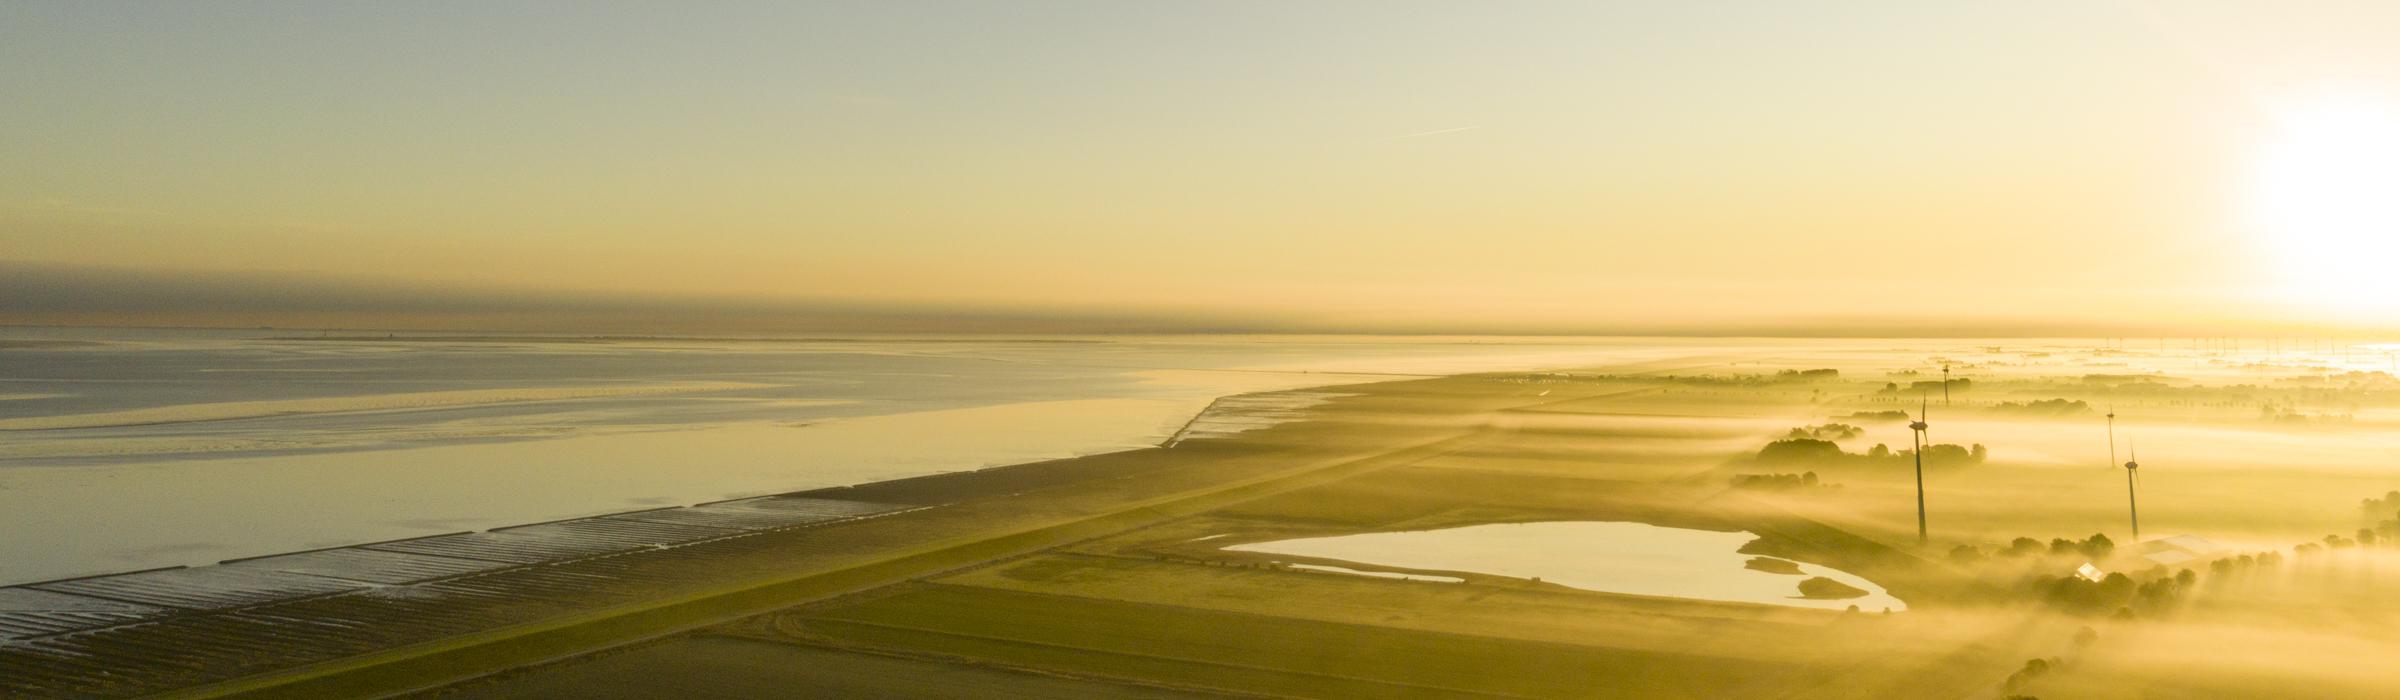 Drohnenaufnahme an der Nordseeküste